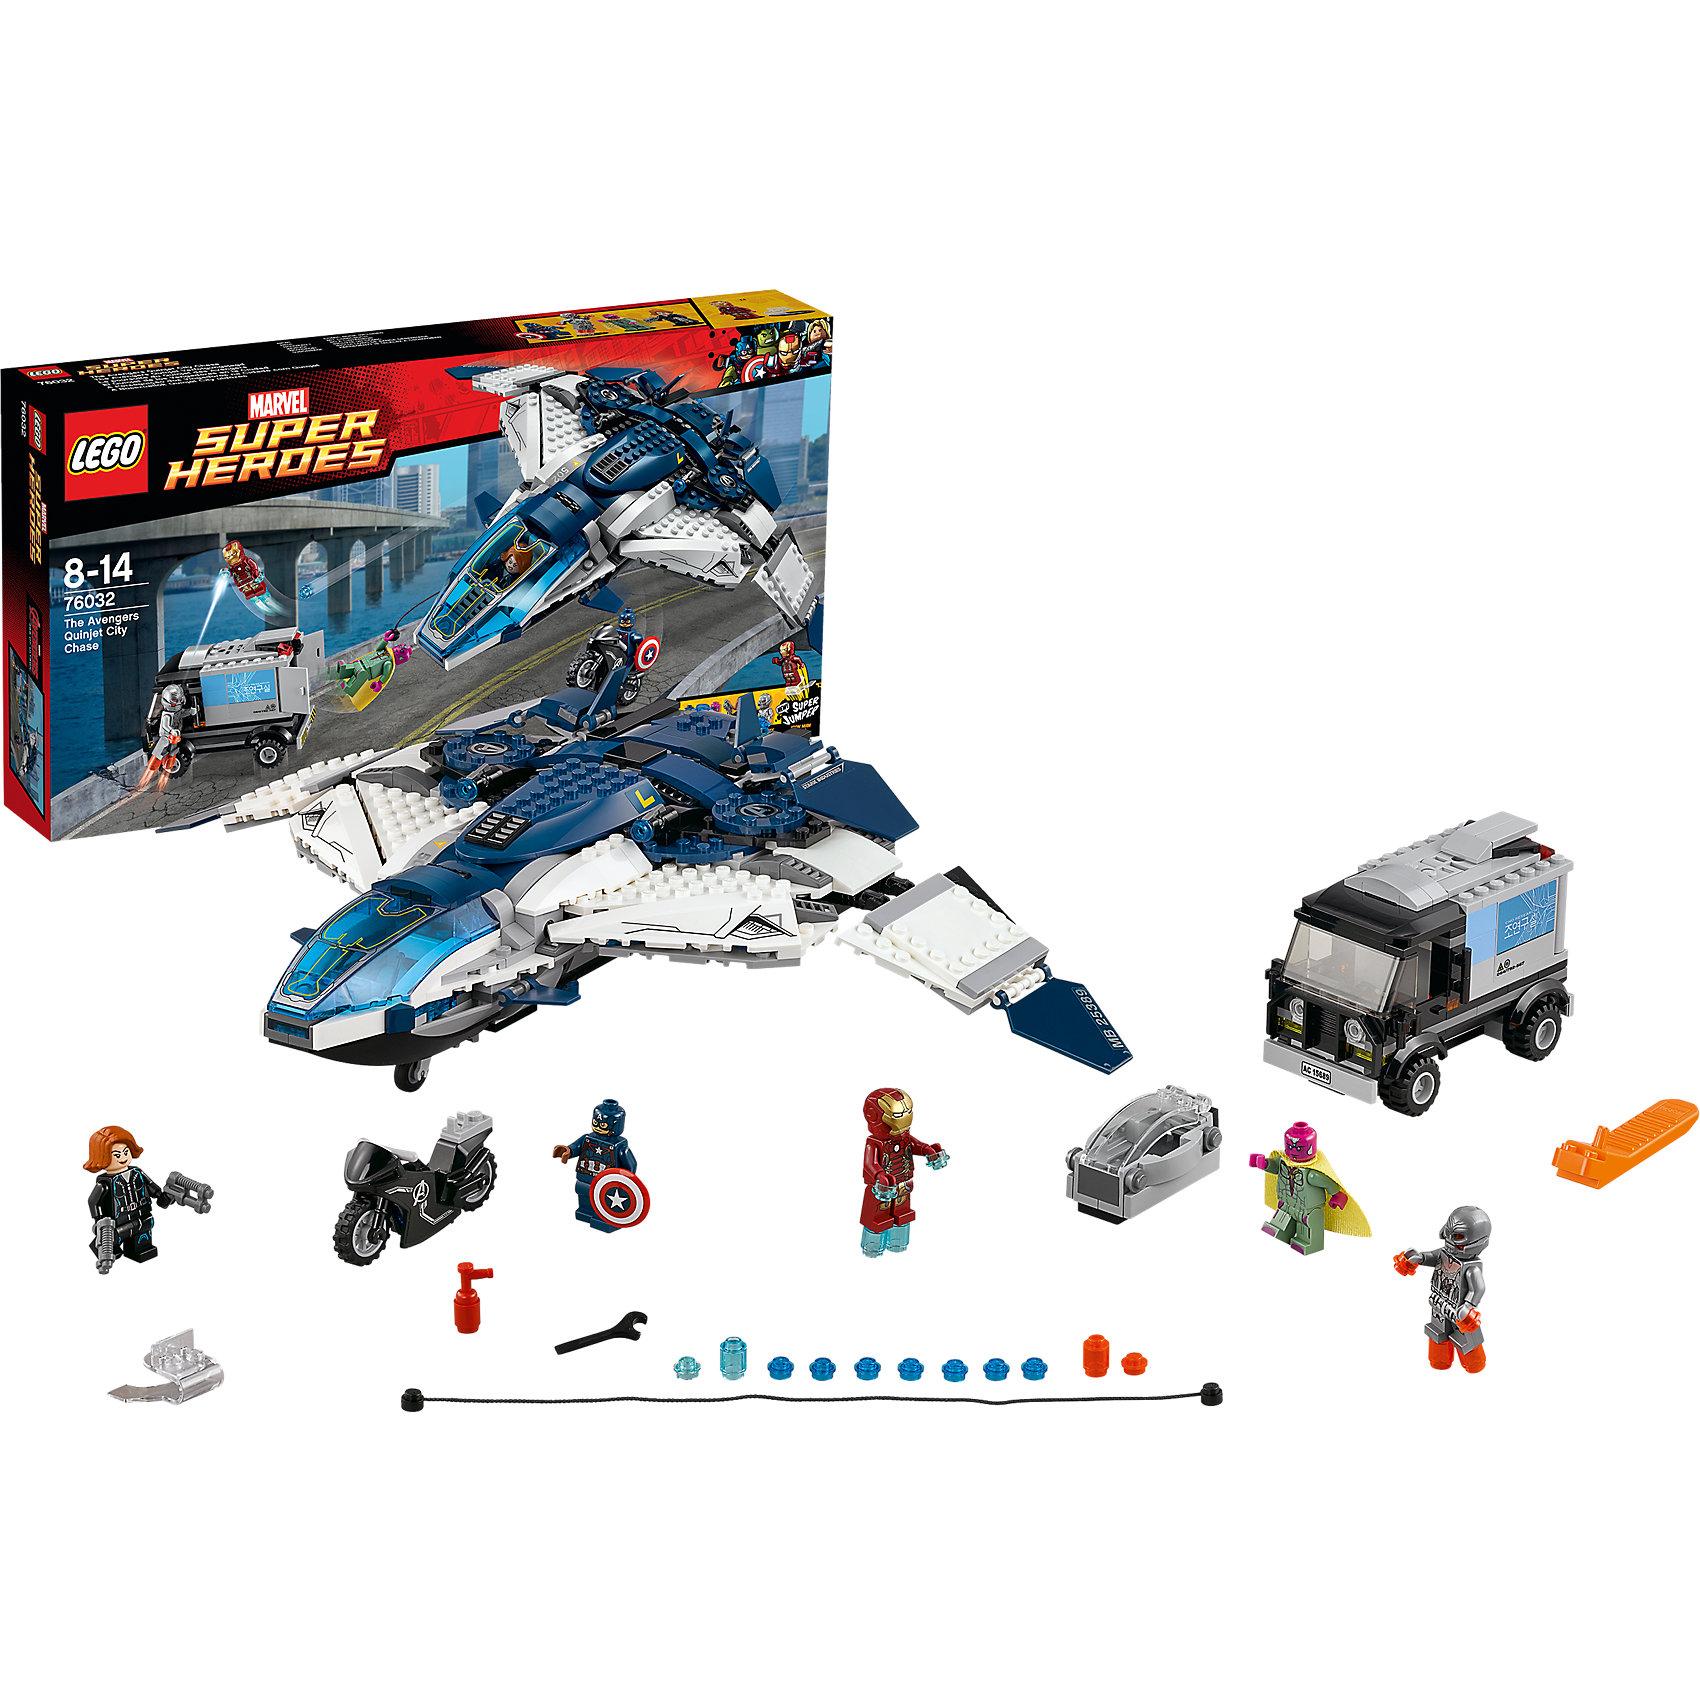 LEGO Super Heroes 76032: Погоня на Квинджете МстителейНайди Альтрона по следам с помощью легендарного Квинджета Мстителей. Помести Черную вдову за пульт управления и взмывай в небо. Стреляй из шипованных шутеров и освободи Капитана Америку на супер-мотоцикле, чтобы продолжить погоню по улицам. Железный человек МК43 полетит рядом с Квинджетом при помощи ракетных двигателей, готовый сразиться с Альтроном. Когда настанет время, соверши точный прыжок на грузовик, чтобы взорвать его стенки и открыть драгоценный груз. <br><br>LEGO Super Heroes (ЛЕГО Супер Герои) - серия конструкторов созданная специально по мотивам всеми известных комиксов. Спасай мир и борись со злом вместе с любимыми супергероями! Наборы серии можно комбинировать между собой, давая безграничные просторы для фантазии и придумывая свои новые истории. <br><br>Дополнительная информация:<br><br>- Конструкторы ЛЕГО развивают усидчивость, внимание, фантазию и мелкую моторику. <br>- Комплектация: 5 минифигурок, аксессуары, оружие, грузовик Альтрона, трос, Квинджет, супер-мотоцикл, супер-джампер.<br>- В комплекте 5 минифигурок -  Вижен, Капитан Америка, Черная вдова, Железный человек, Альтрон.<br>- Квинджет: шасси, крылья меняют геометрию.<br>- Грузовик Альтрона: открывающиеся двери, оружие. <br>- Количество деталей: 722 шт.<br>- Серия ЛЕГО Супер Герои (LEGO Super Heroes).<br>- Материал: пластик.<br>- Размер: 54х28,2х7,8 см<br>- Вес: 1,119 кг<br><br>Конструктор LEGO Super Heroes 76032: Погоня на Квинджете Мстителей можно купить в нашем магазине.<br><br>Ширина мм: 540<br>Глубина мм: 279<br>Высота мм: 73<br>Вес г: 1250<br>Возраст от месяцев: 96<br>Возраст до месяцев: 168<br>Пол: Мужской<br>Возраст: Детский<br>SKU: 3786226